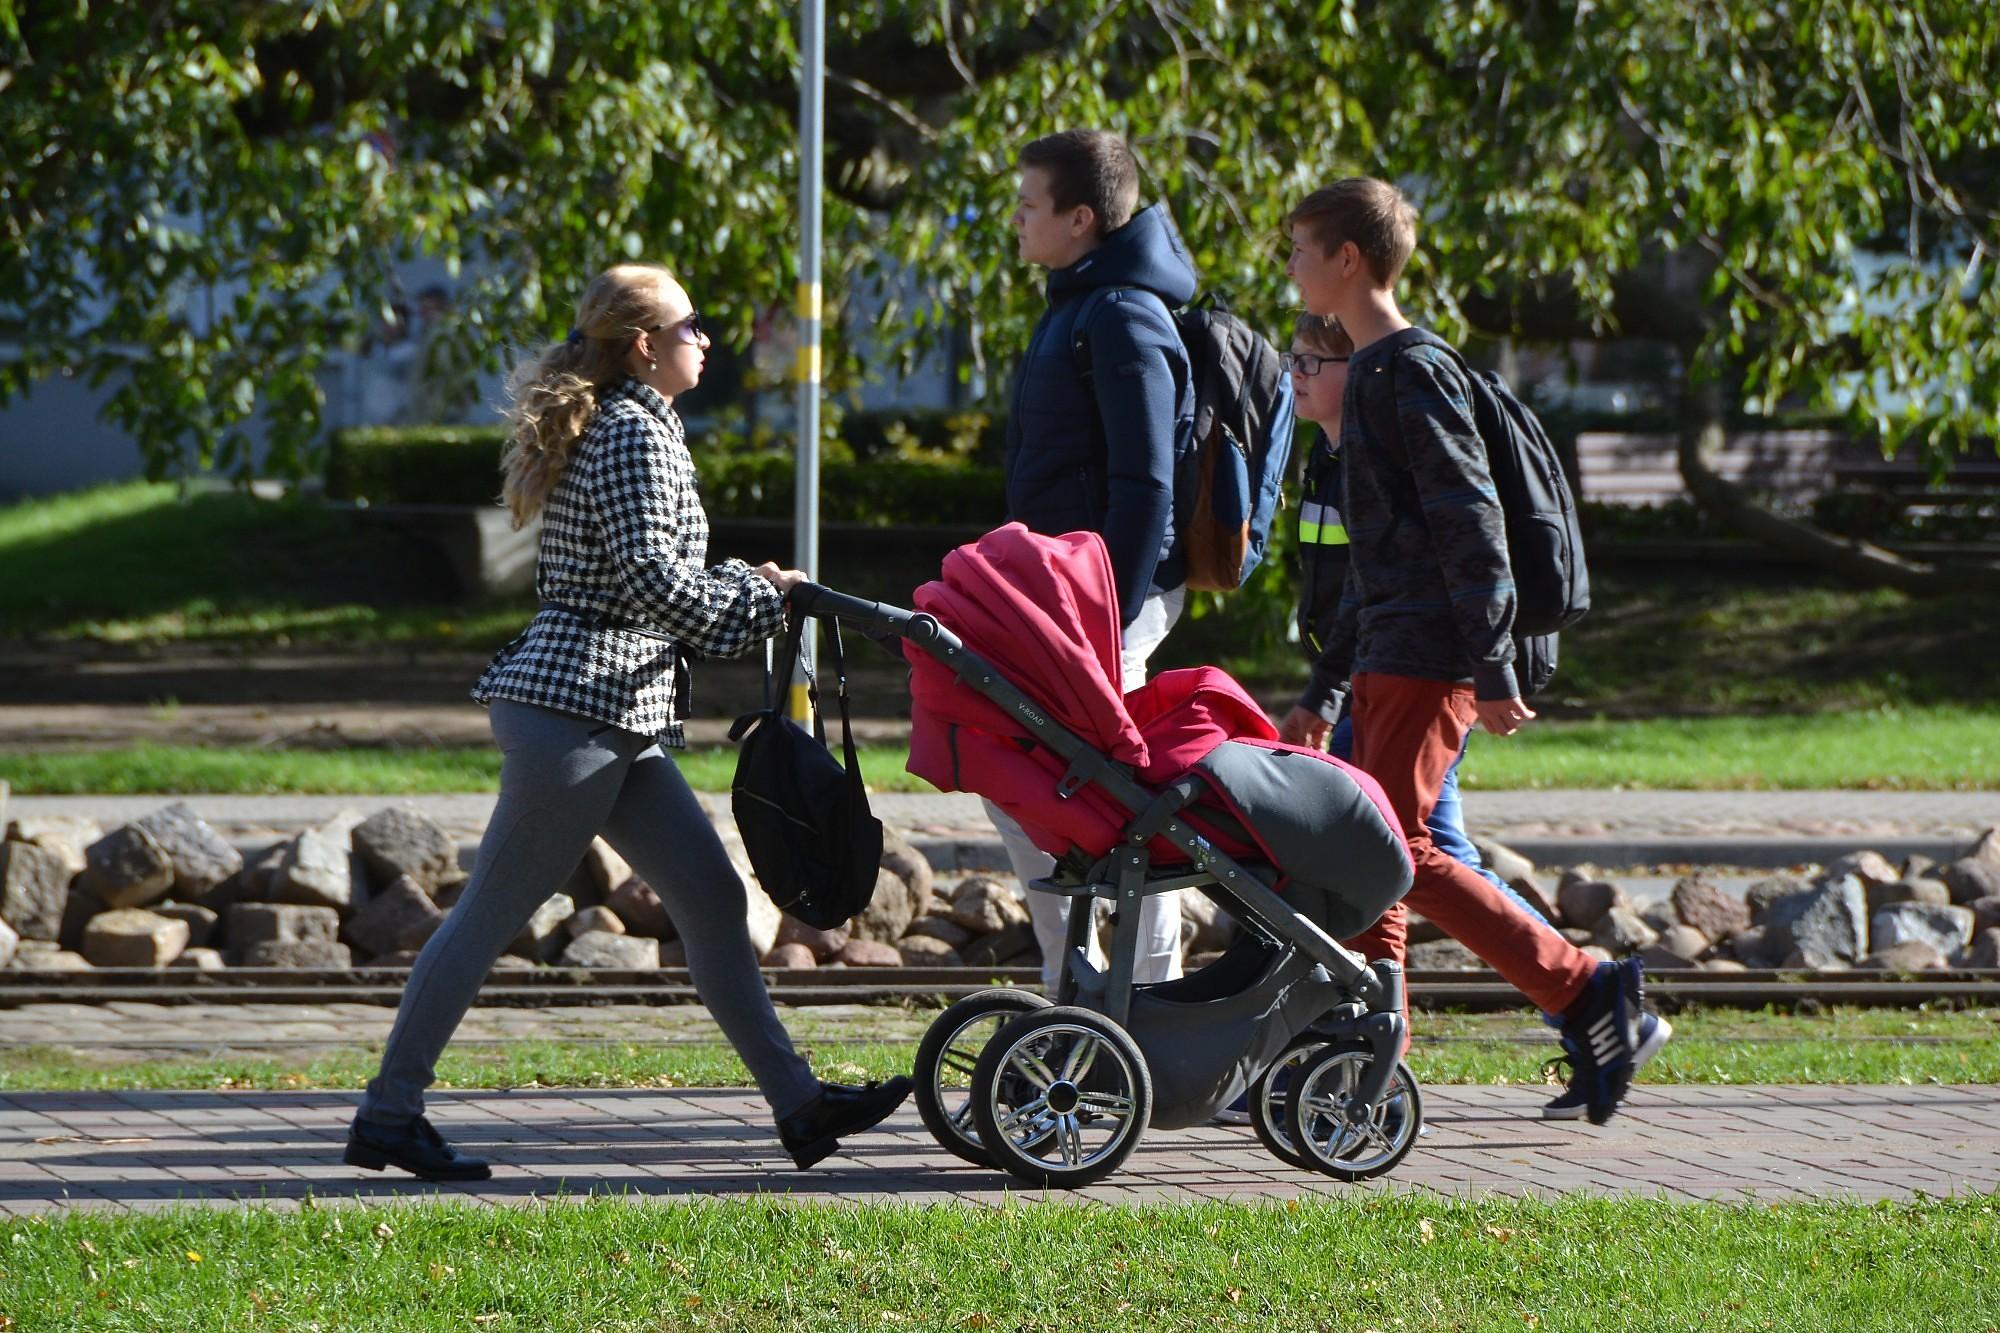 Со следующего года новорожденным детям больше не будут предоставлять статус неграждан